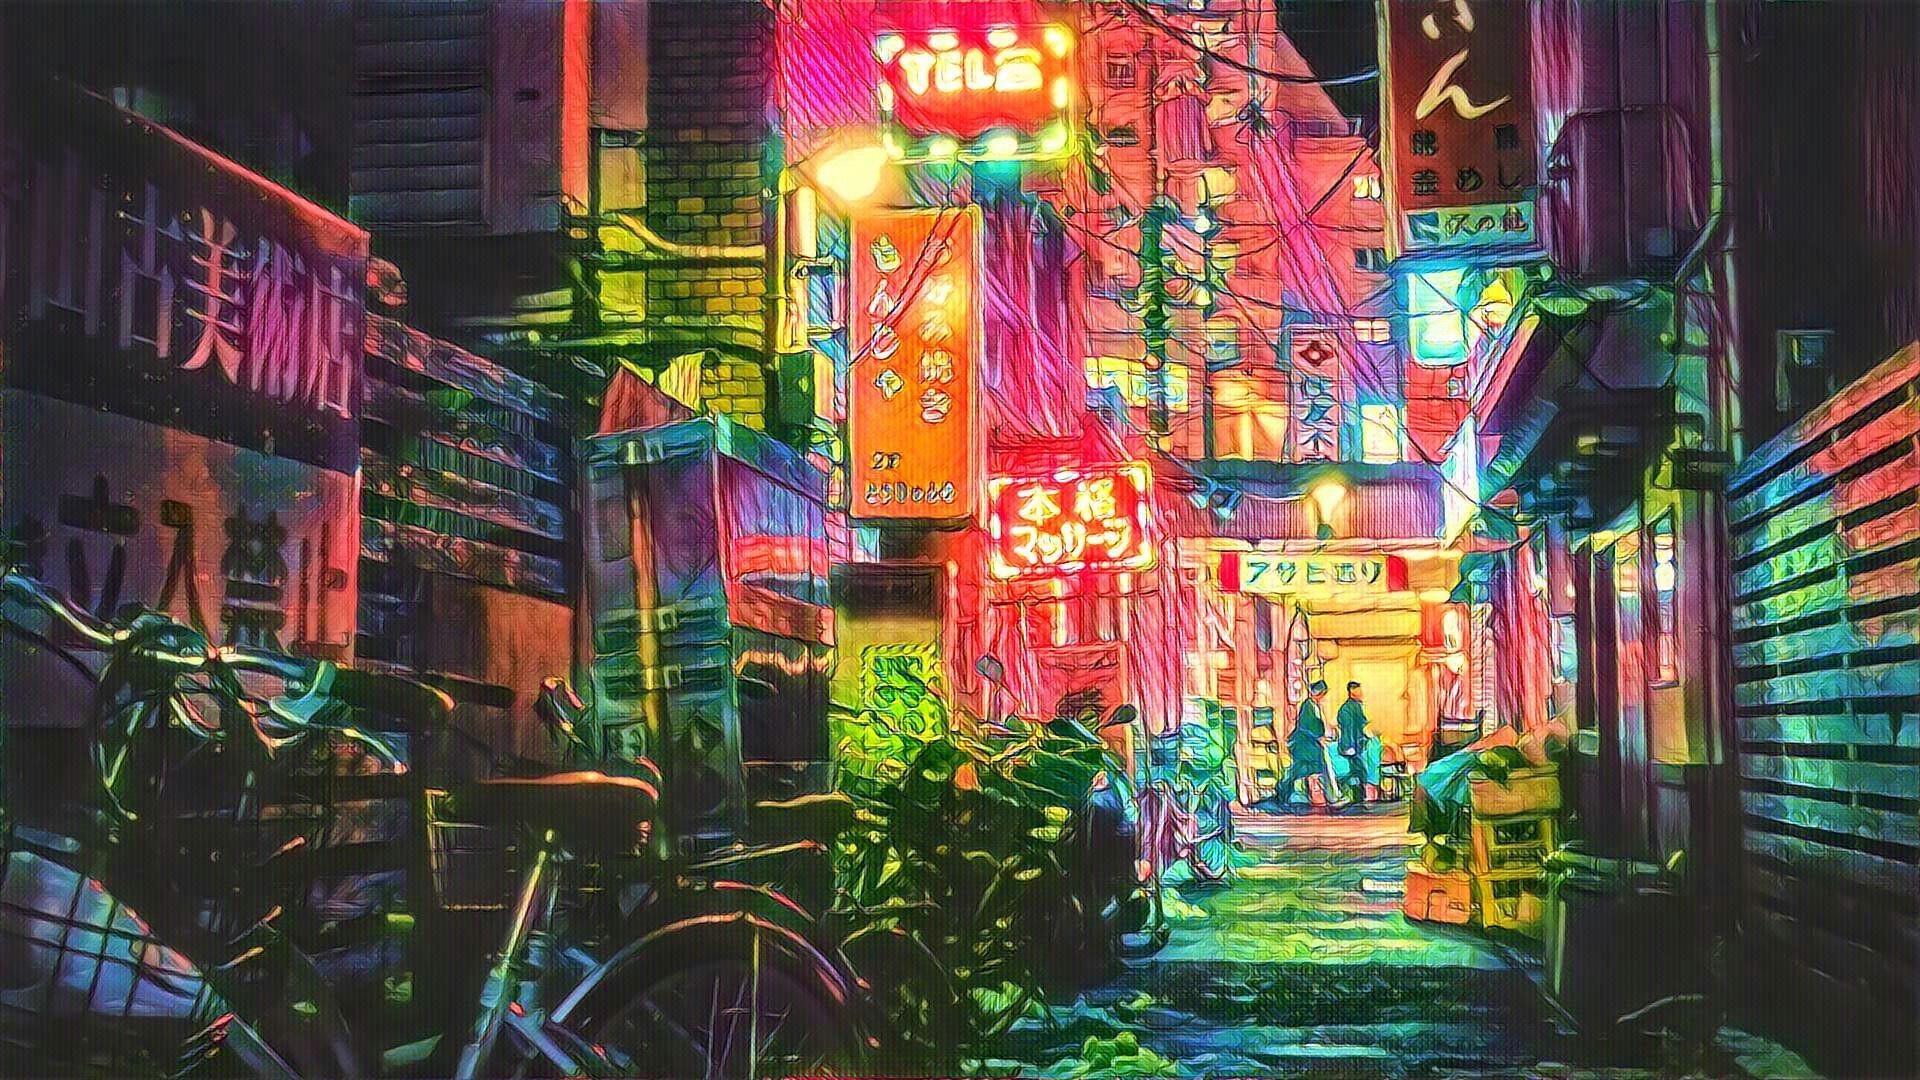 Hintergrundbilder Tokio Filter Fotografie 1920x1080